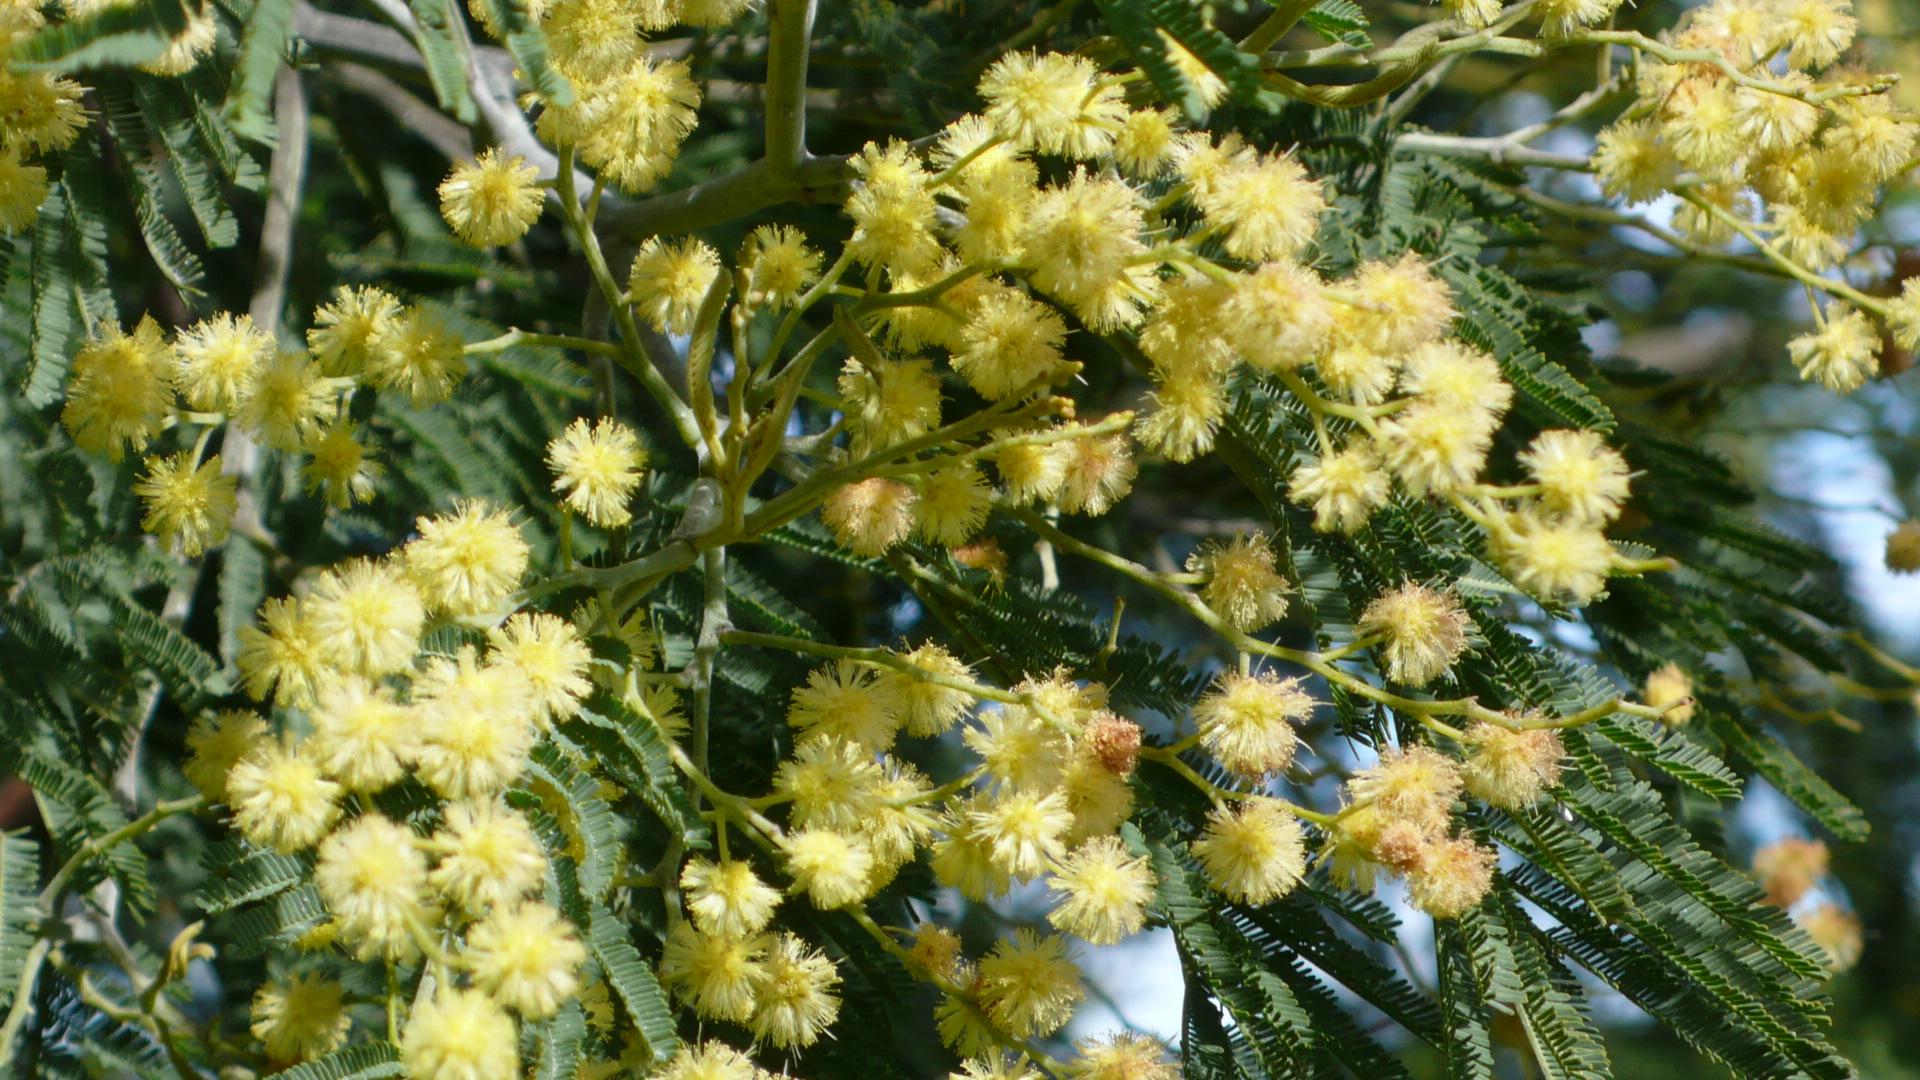 Wattle trees in bloom wattle lane - Trees that bloom yellow flowers ...